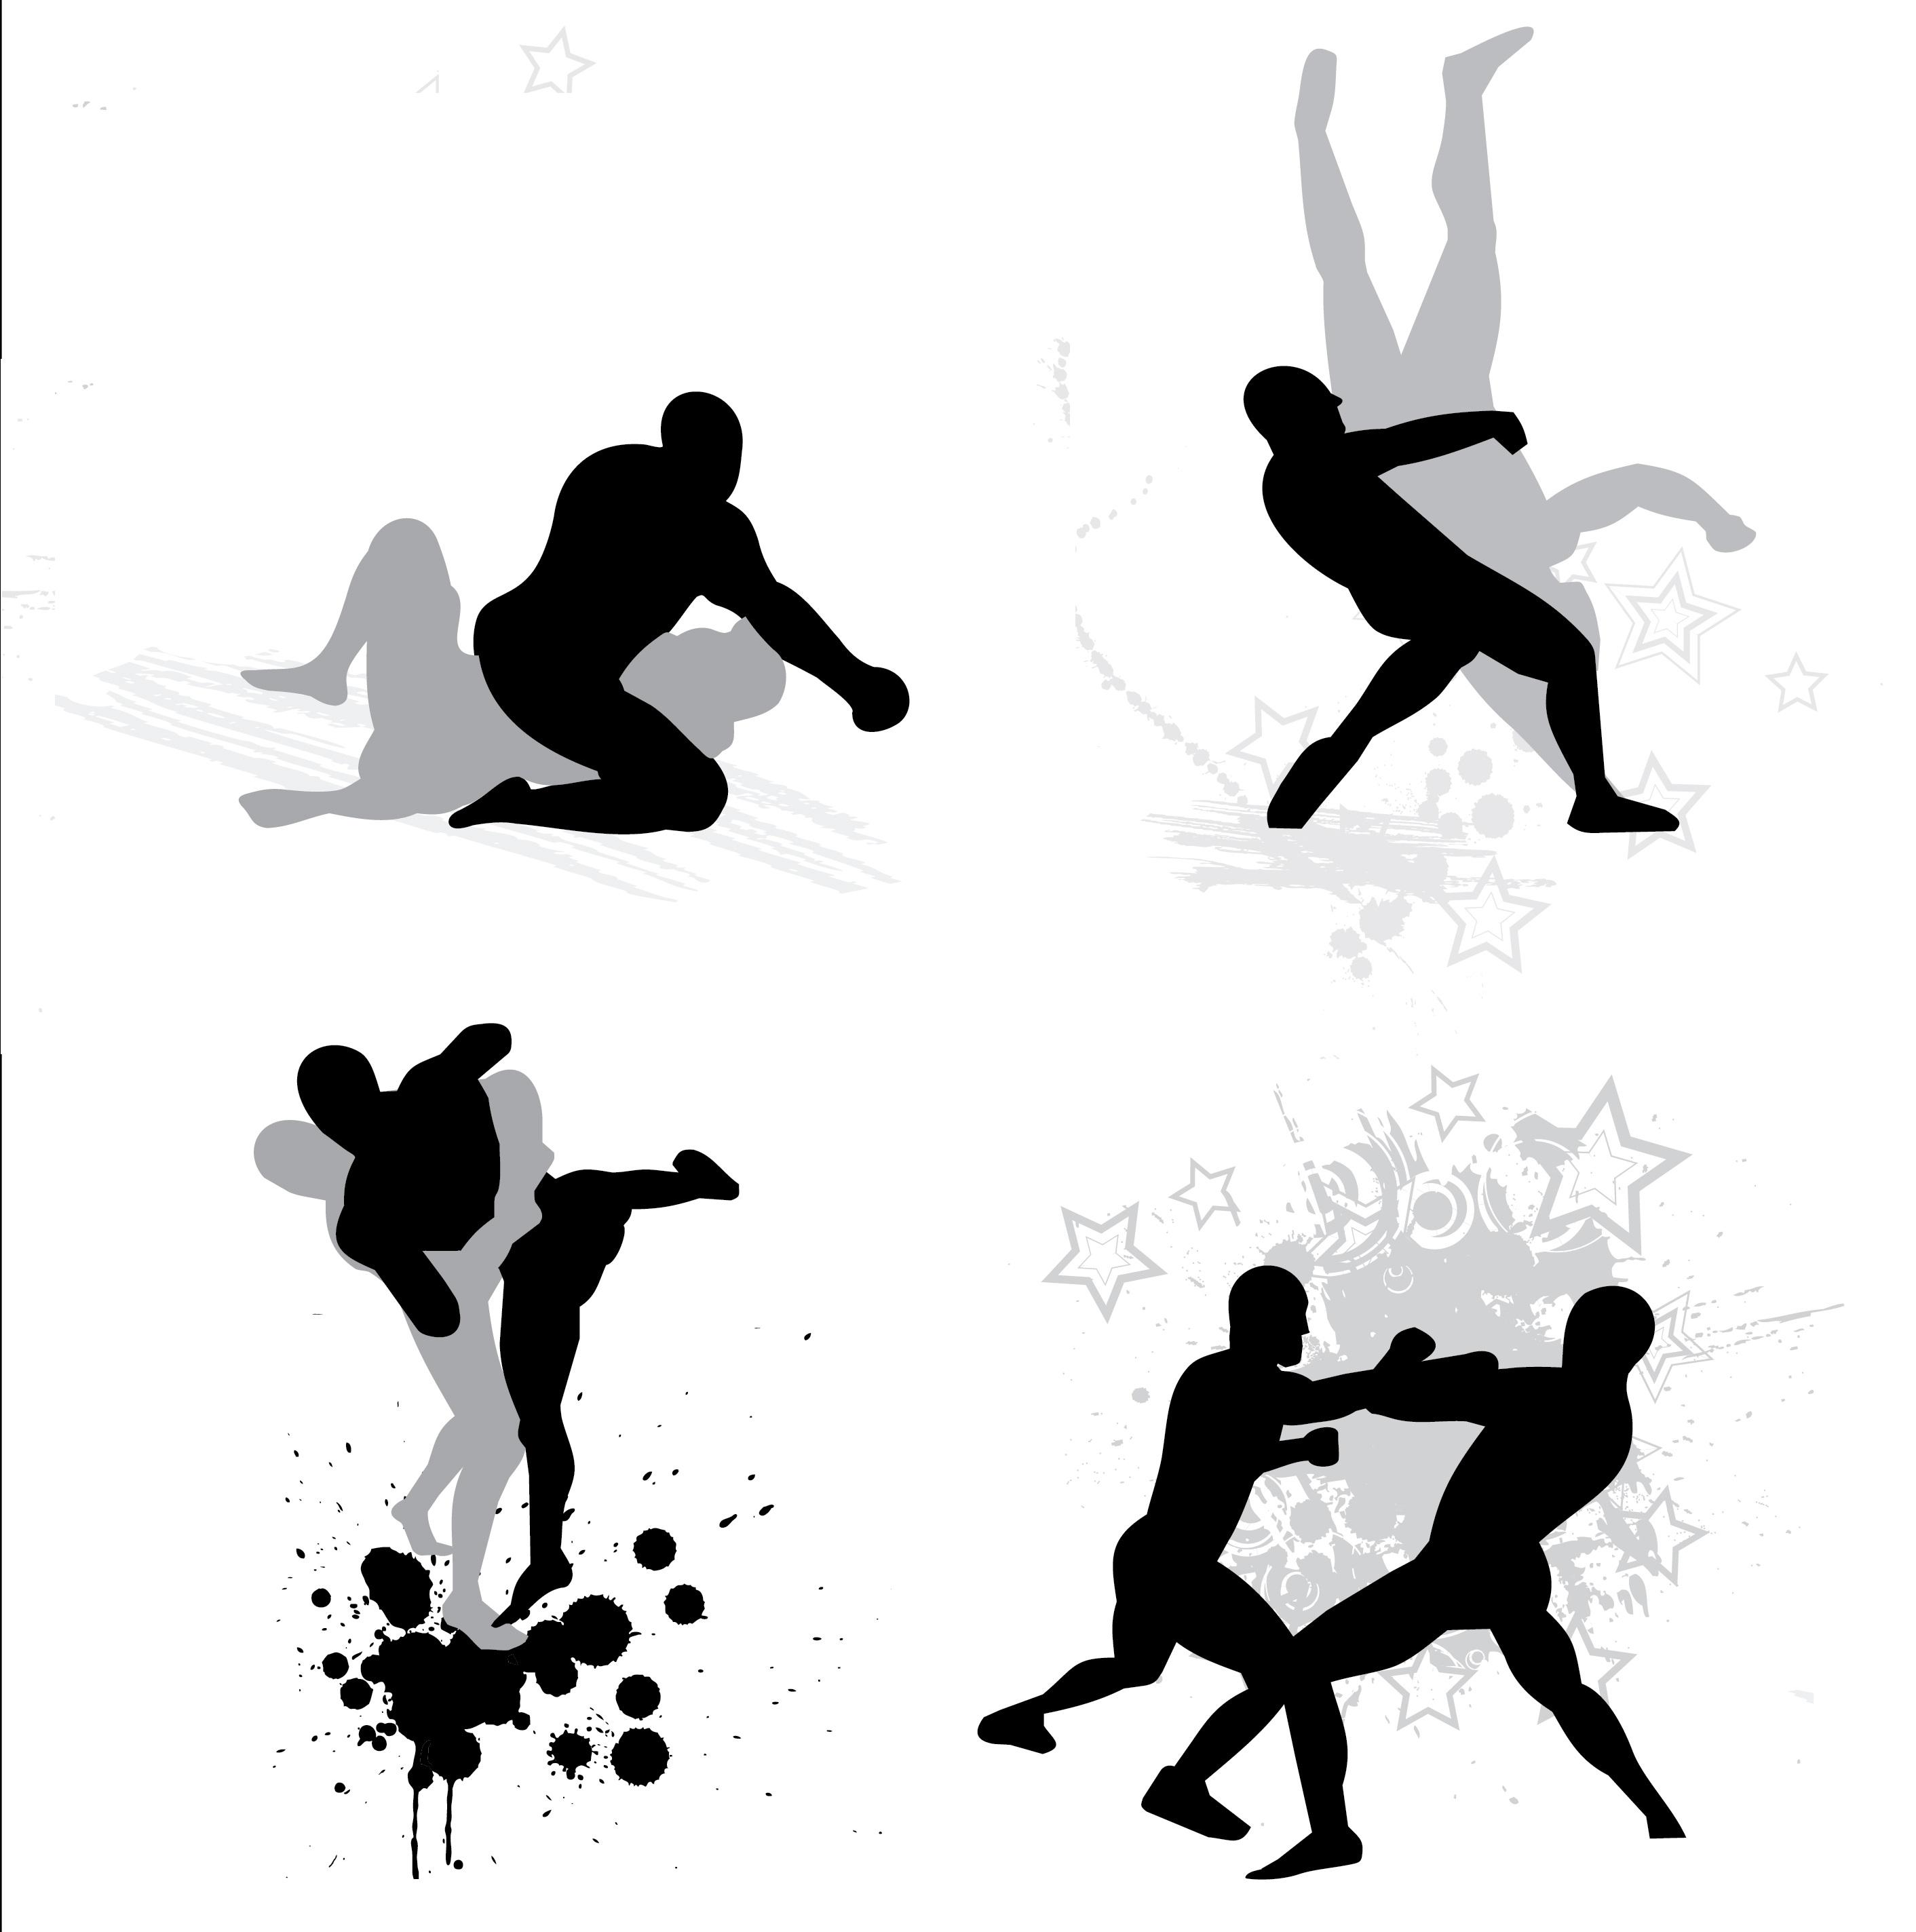 Почему дзюдо не работает на улице, Борьба самый интеллектуальный вид спорта, Почему борьба — это не боевое искусство,